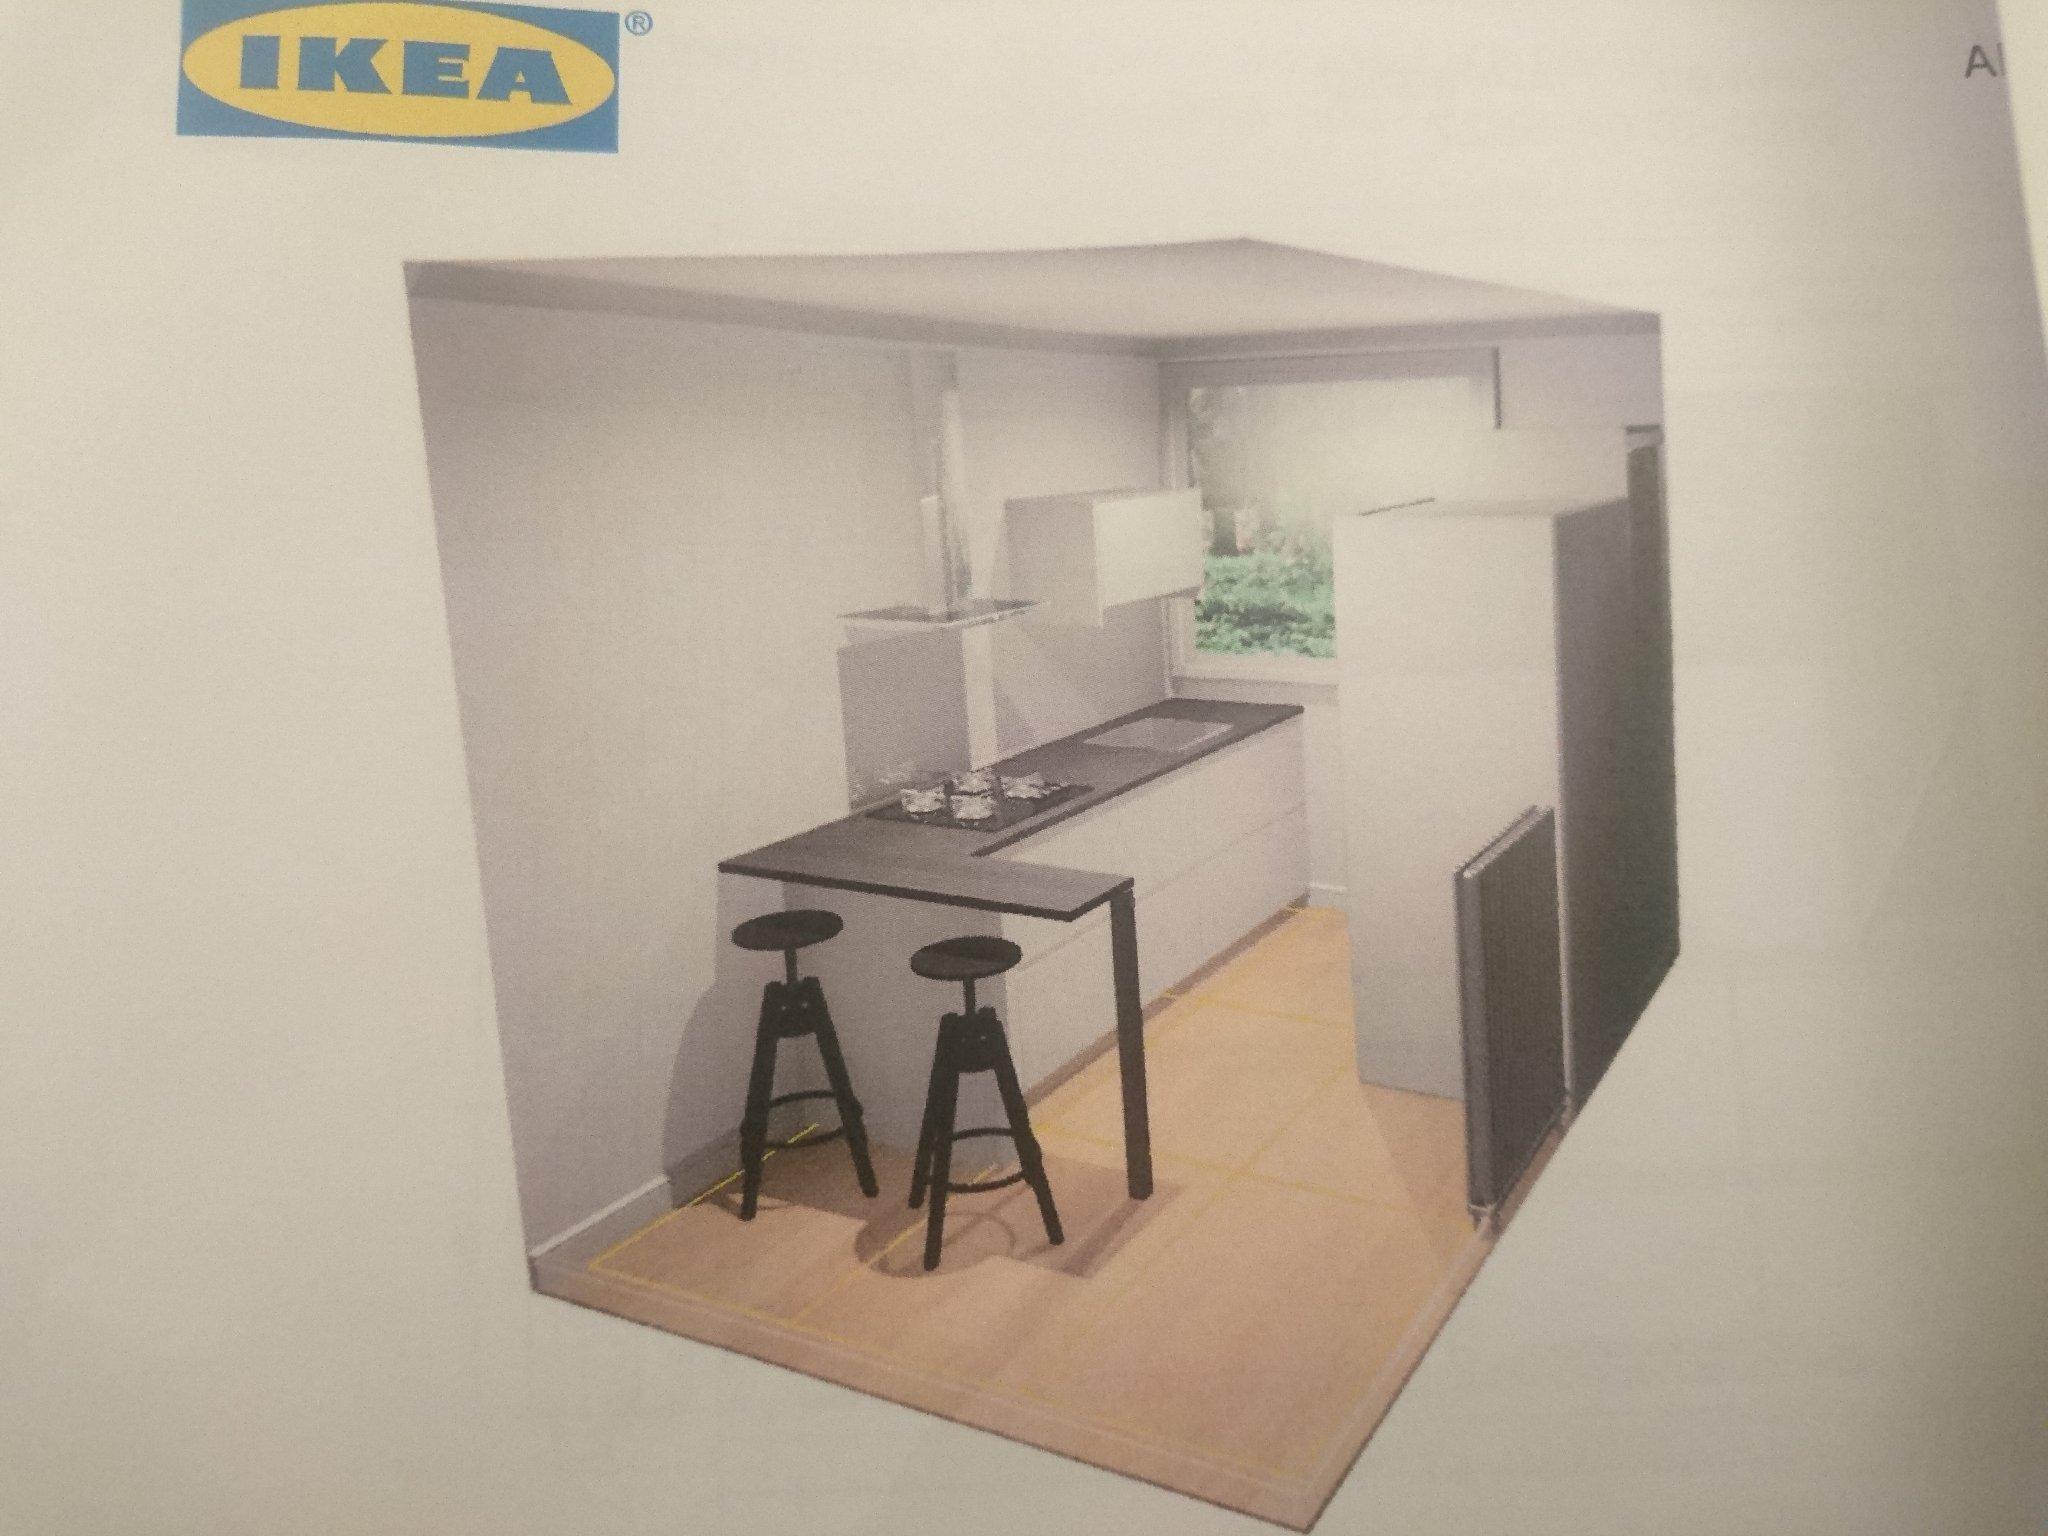 Ikea Keuken Plaatsen Werkspot